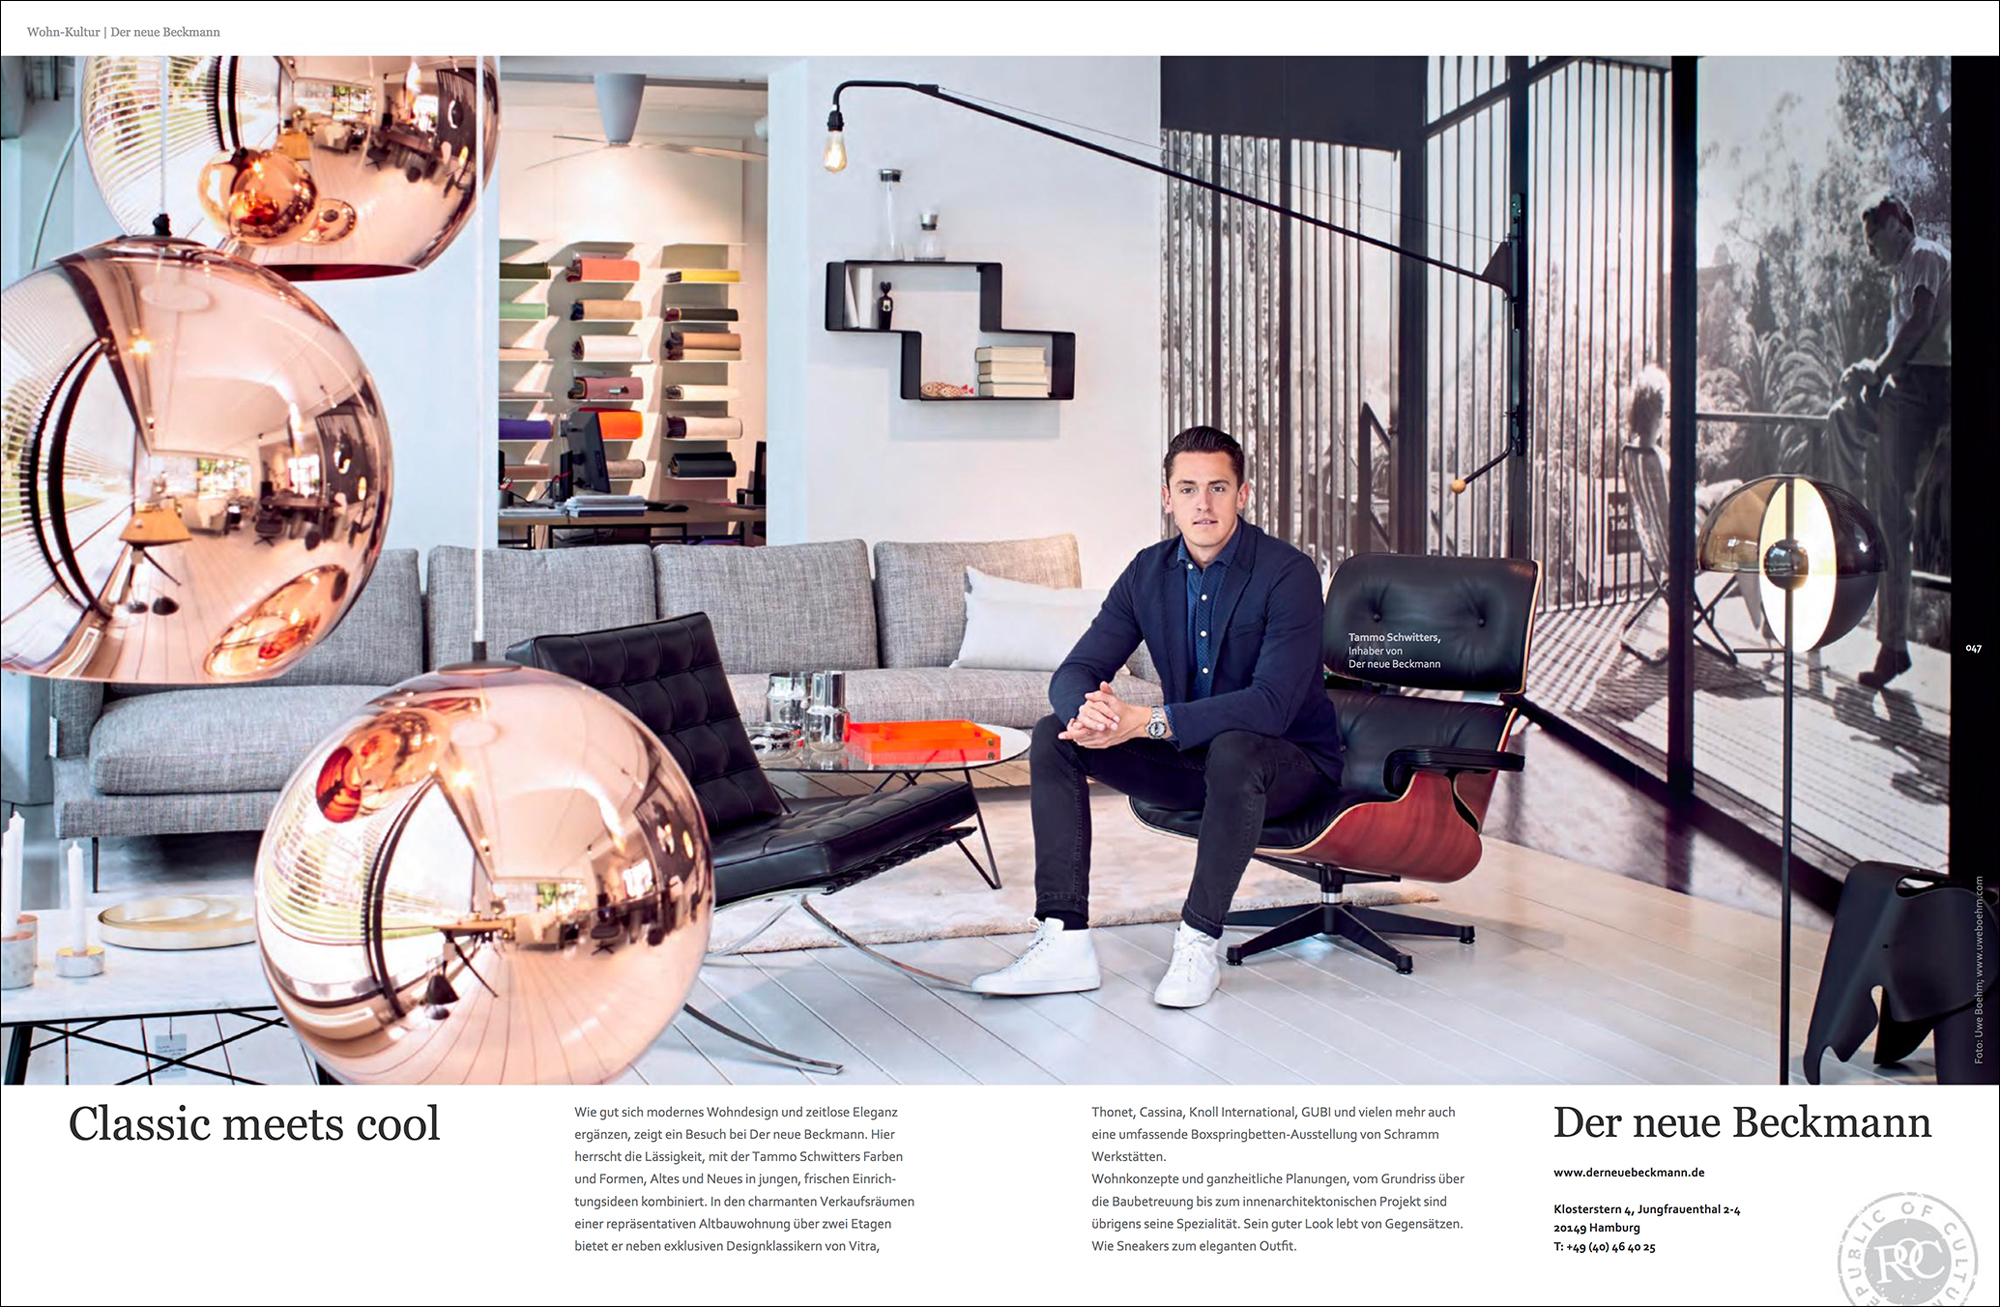 Beckmann Moderne Möbel der neue beckmann gutmacher lust auf gut